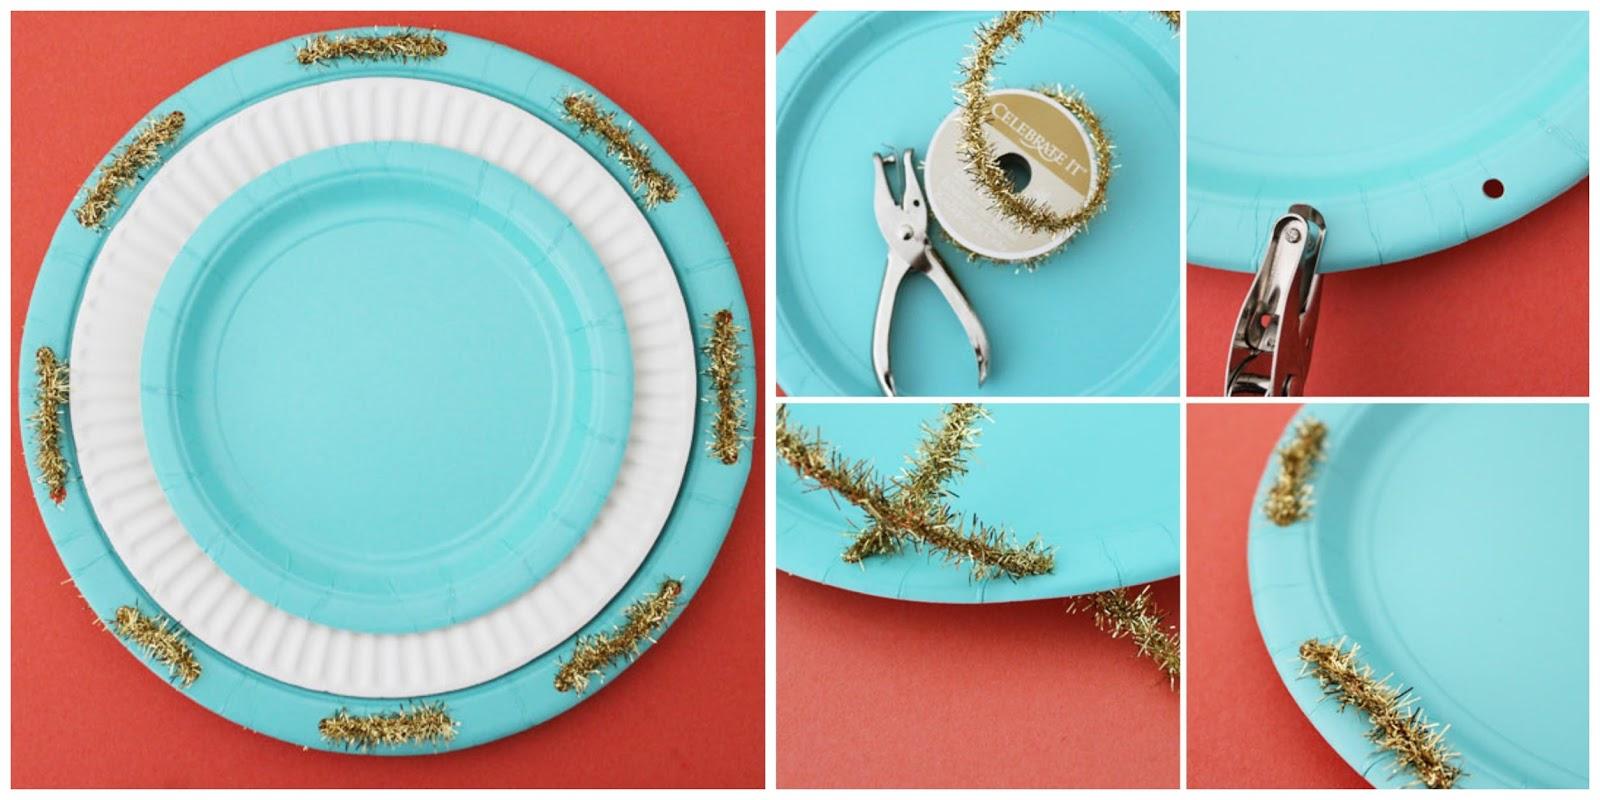 Una decoraci n de fiesta completa con platos de papel - Decoracion de platos ...